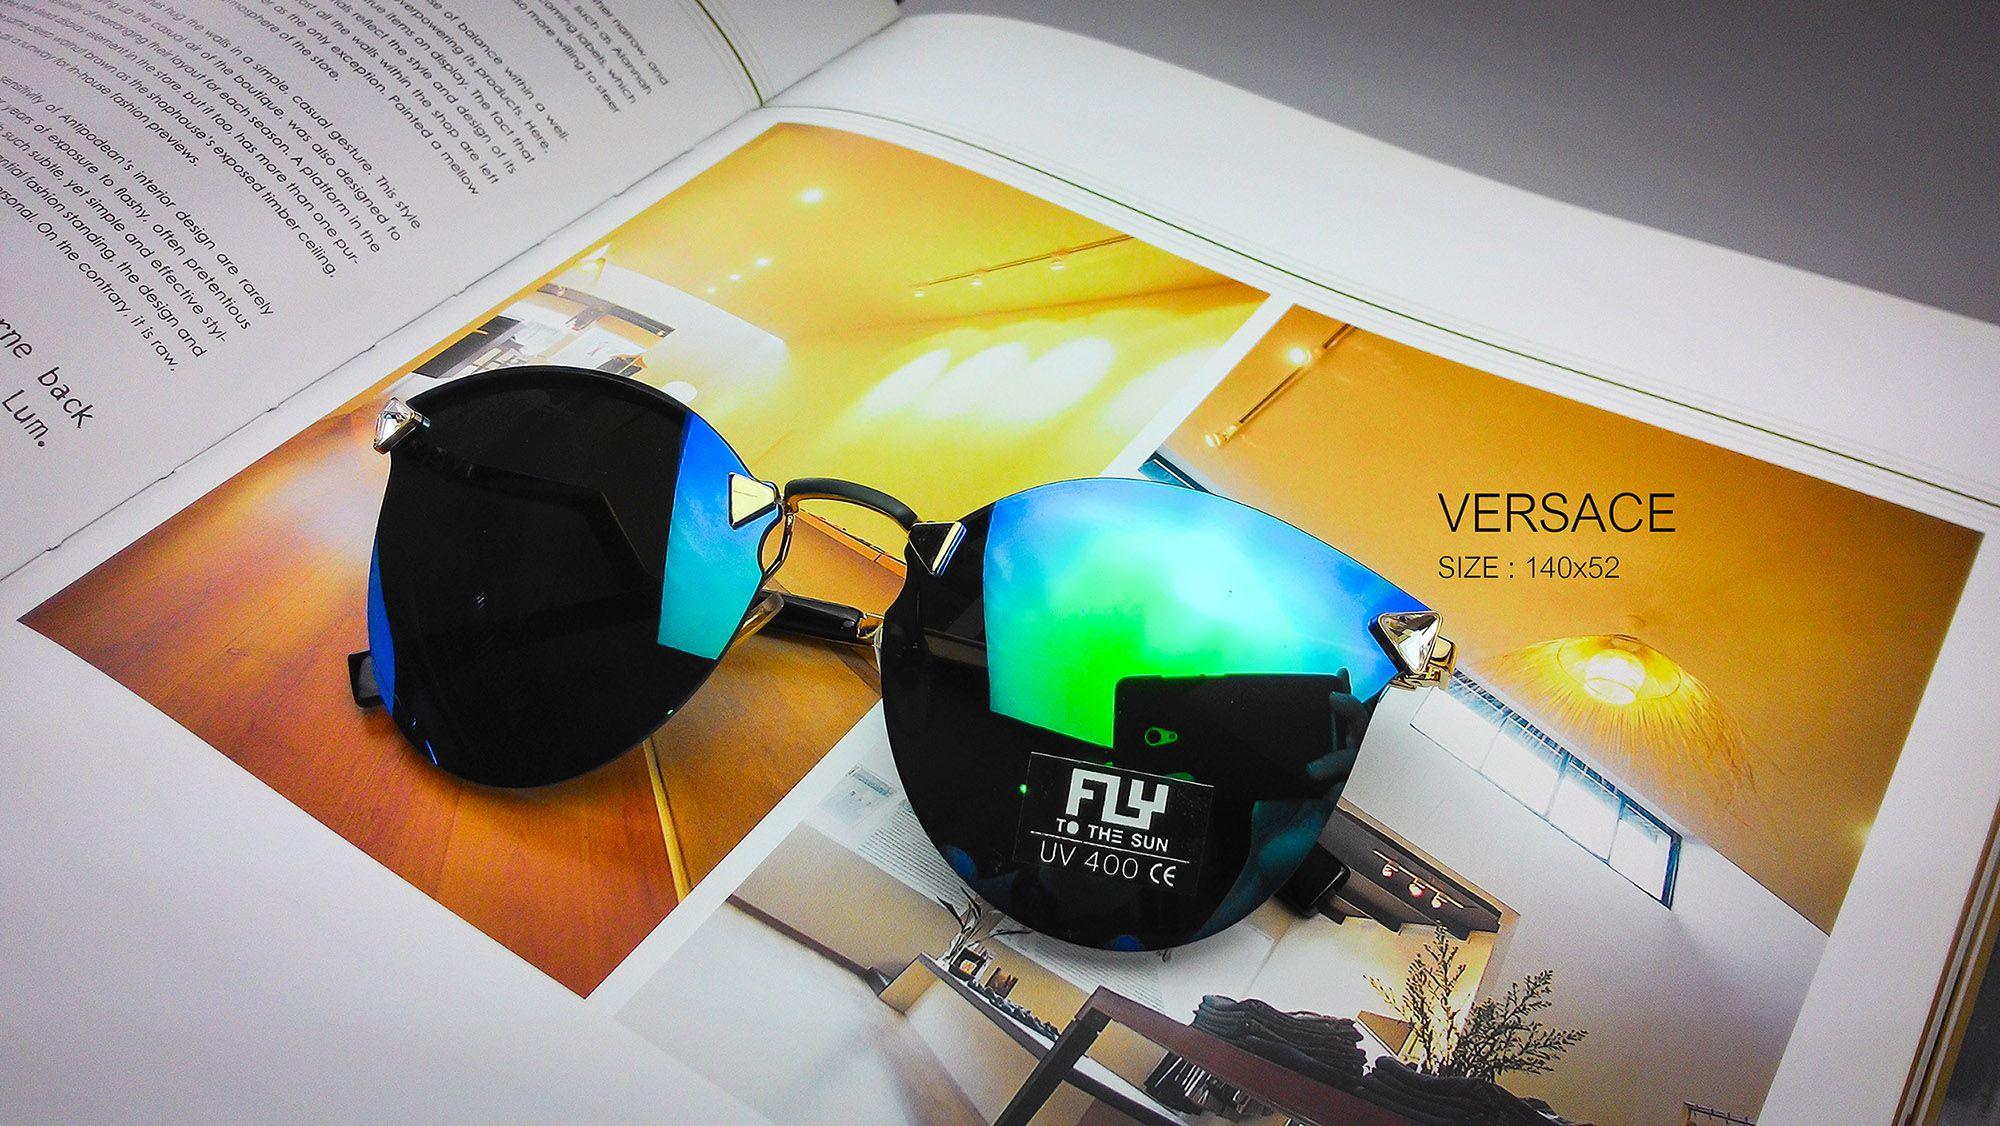 [พร้อมส่ง] แว่นกันแดด Fly to the sun รุ่น Versace